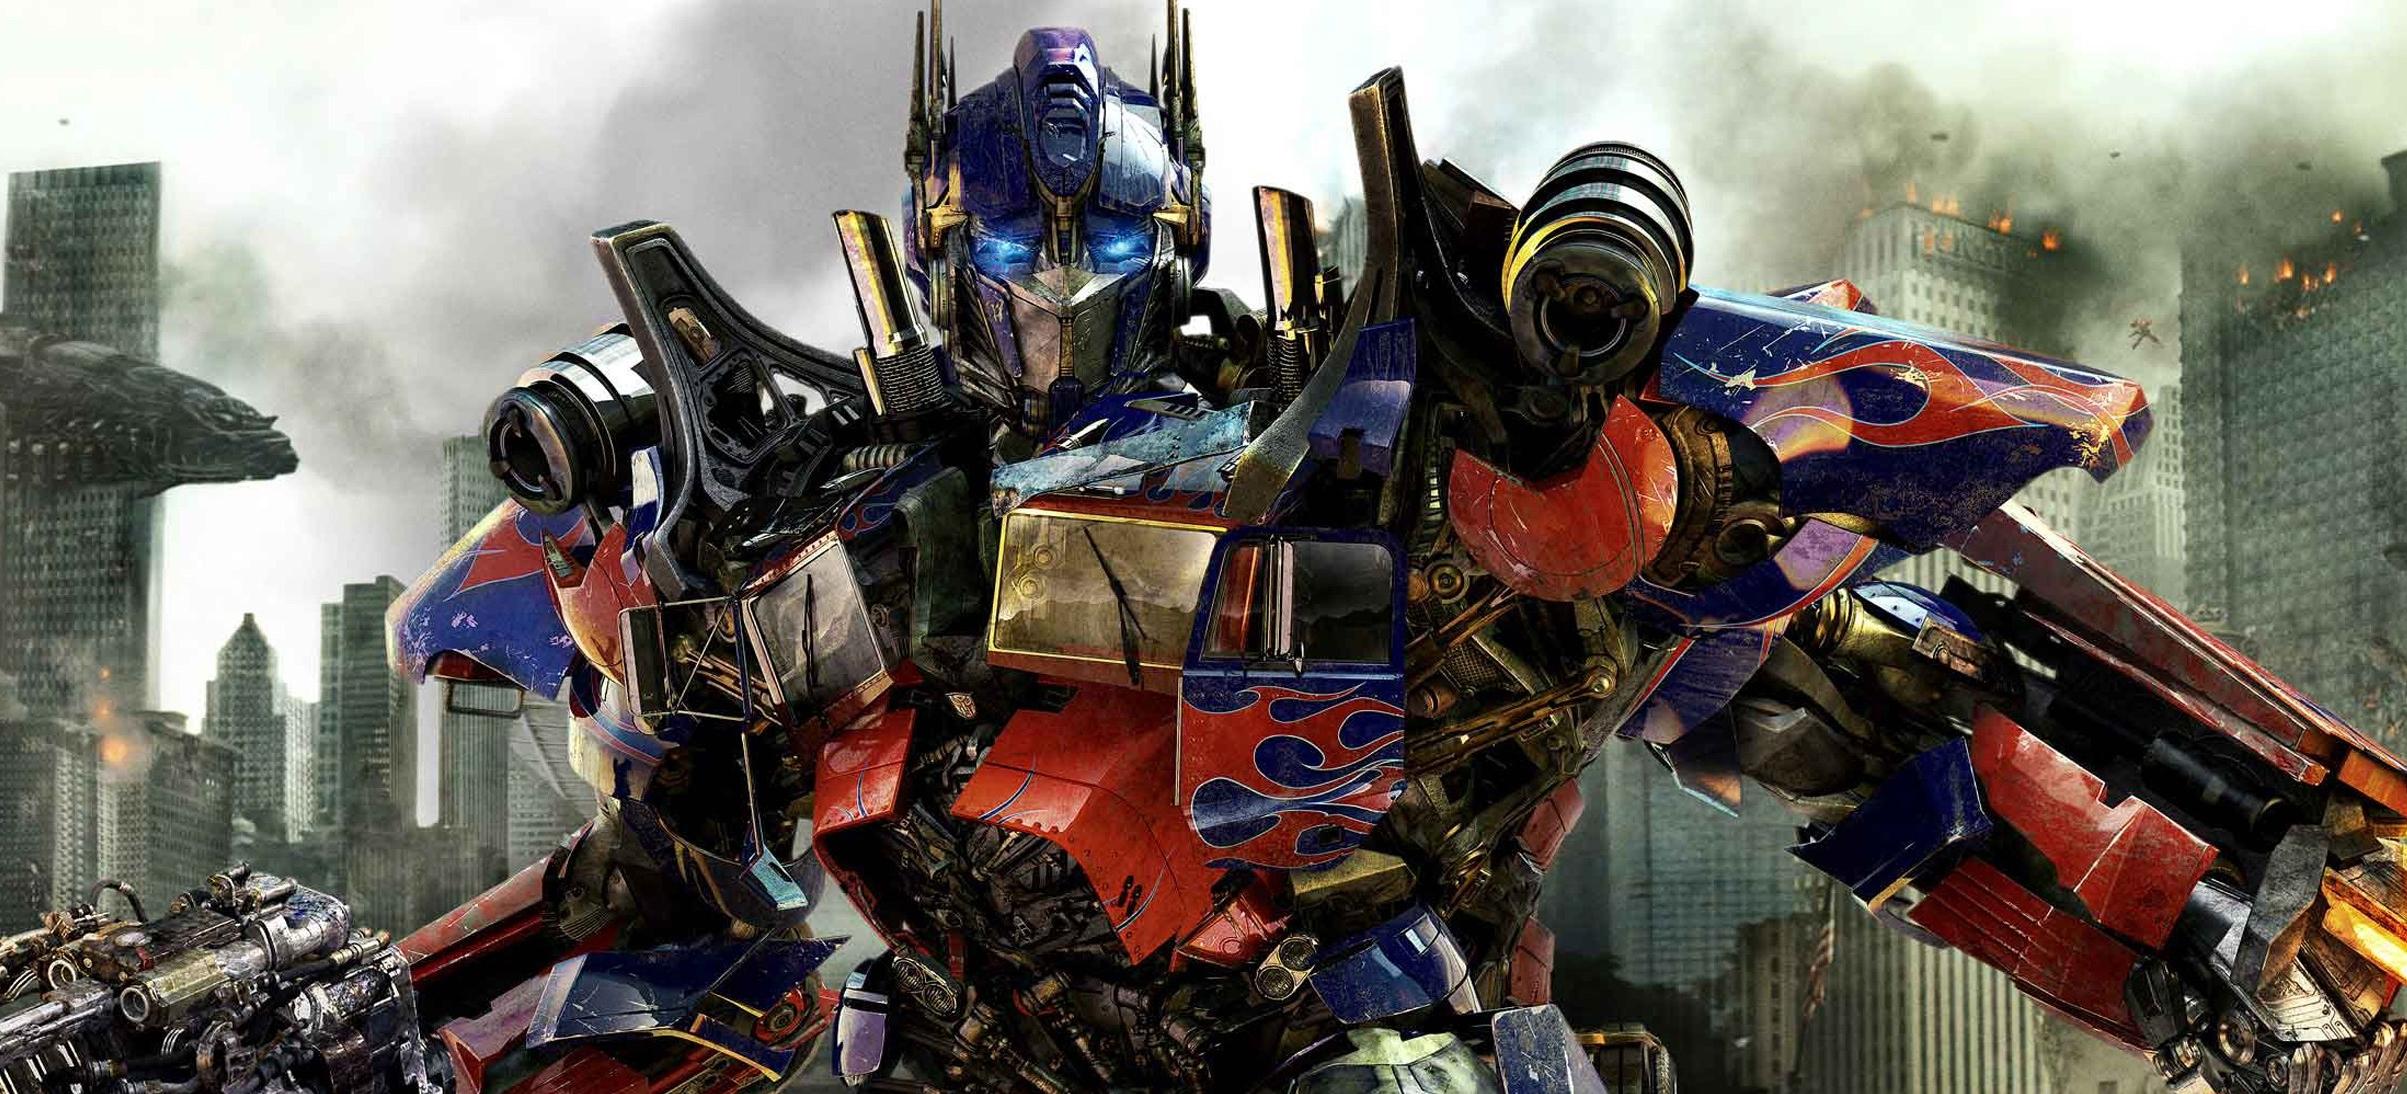 mbti: optimus prime- enfj | zombies ruin everything